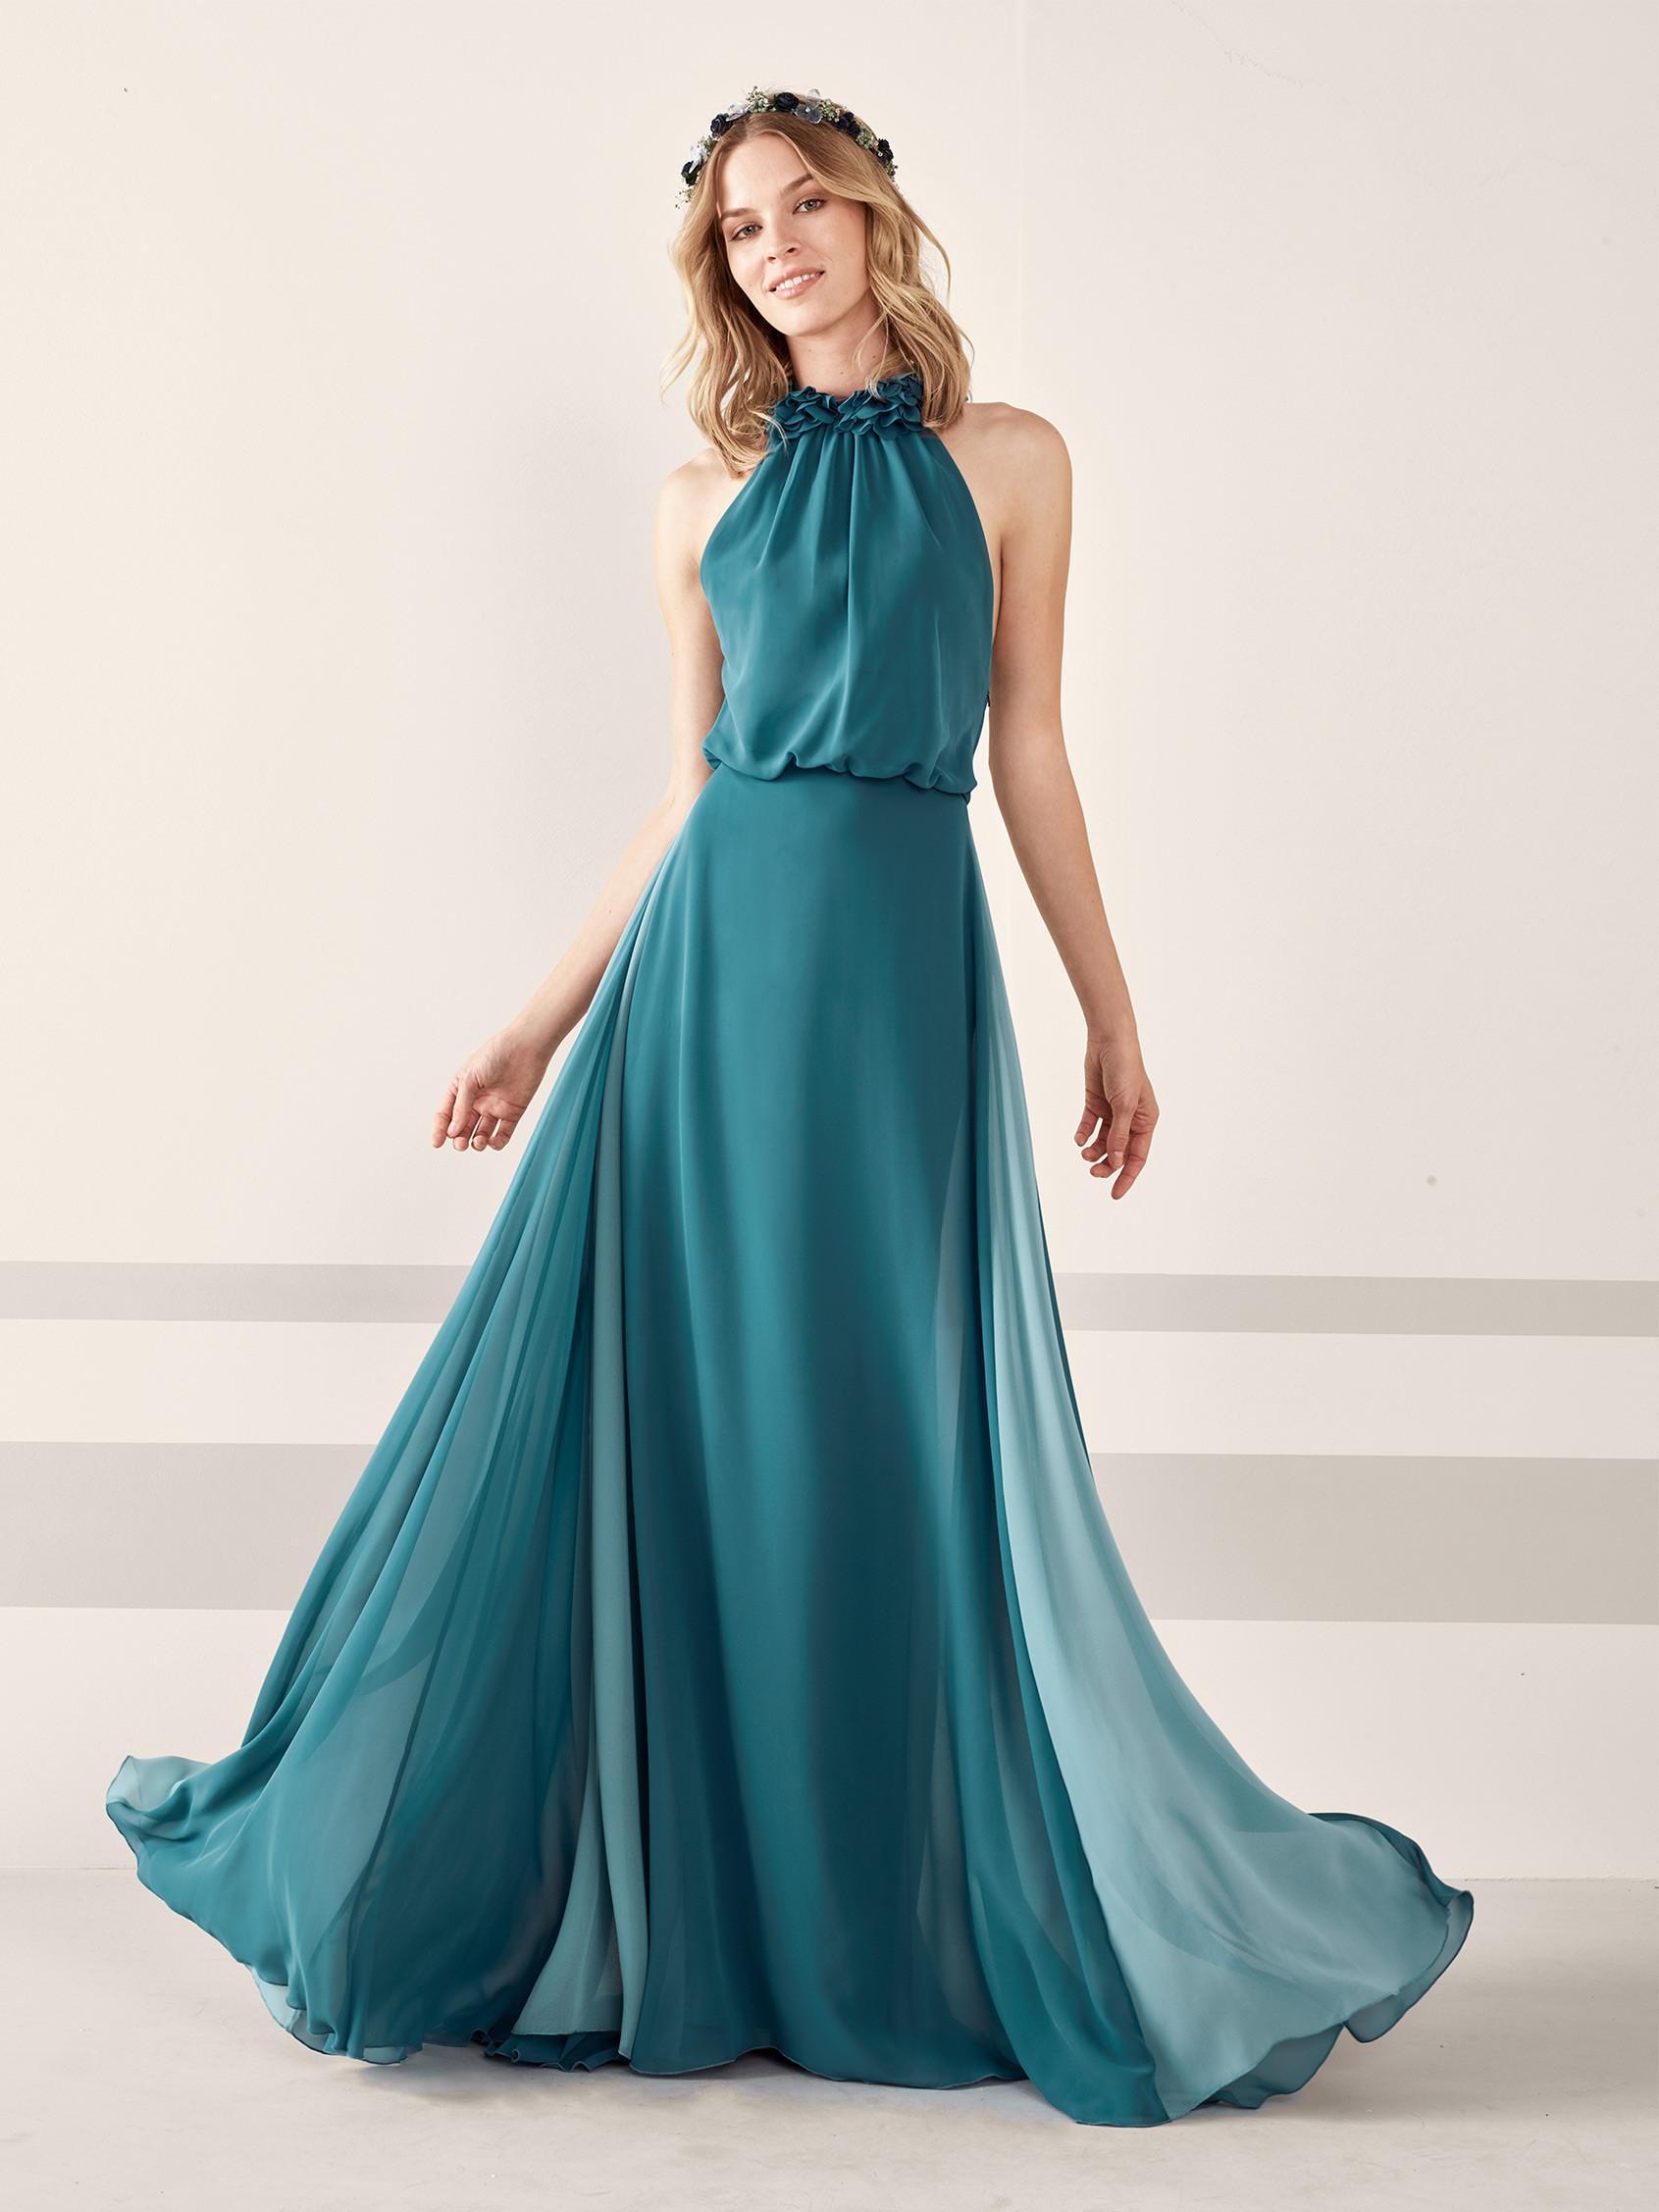 TodoBoda.com - 10 vestidos de fiesta para bodas de verano